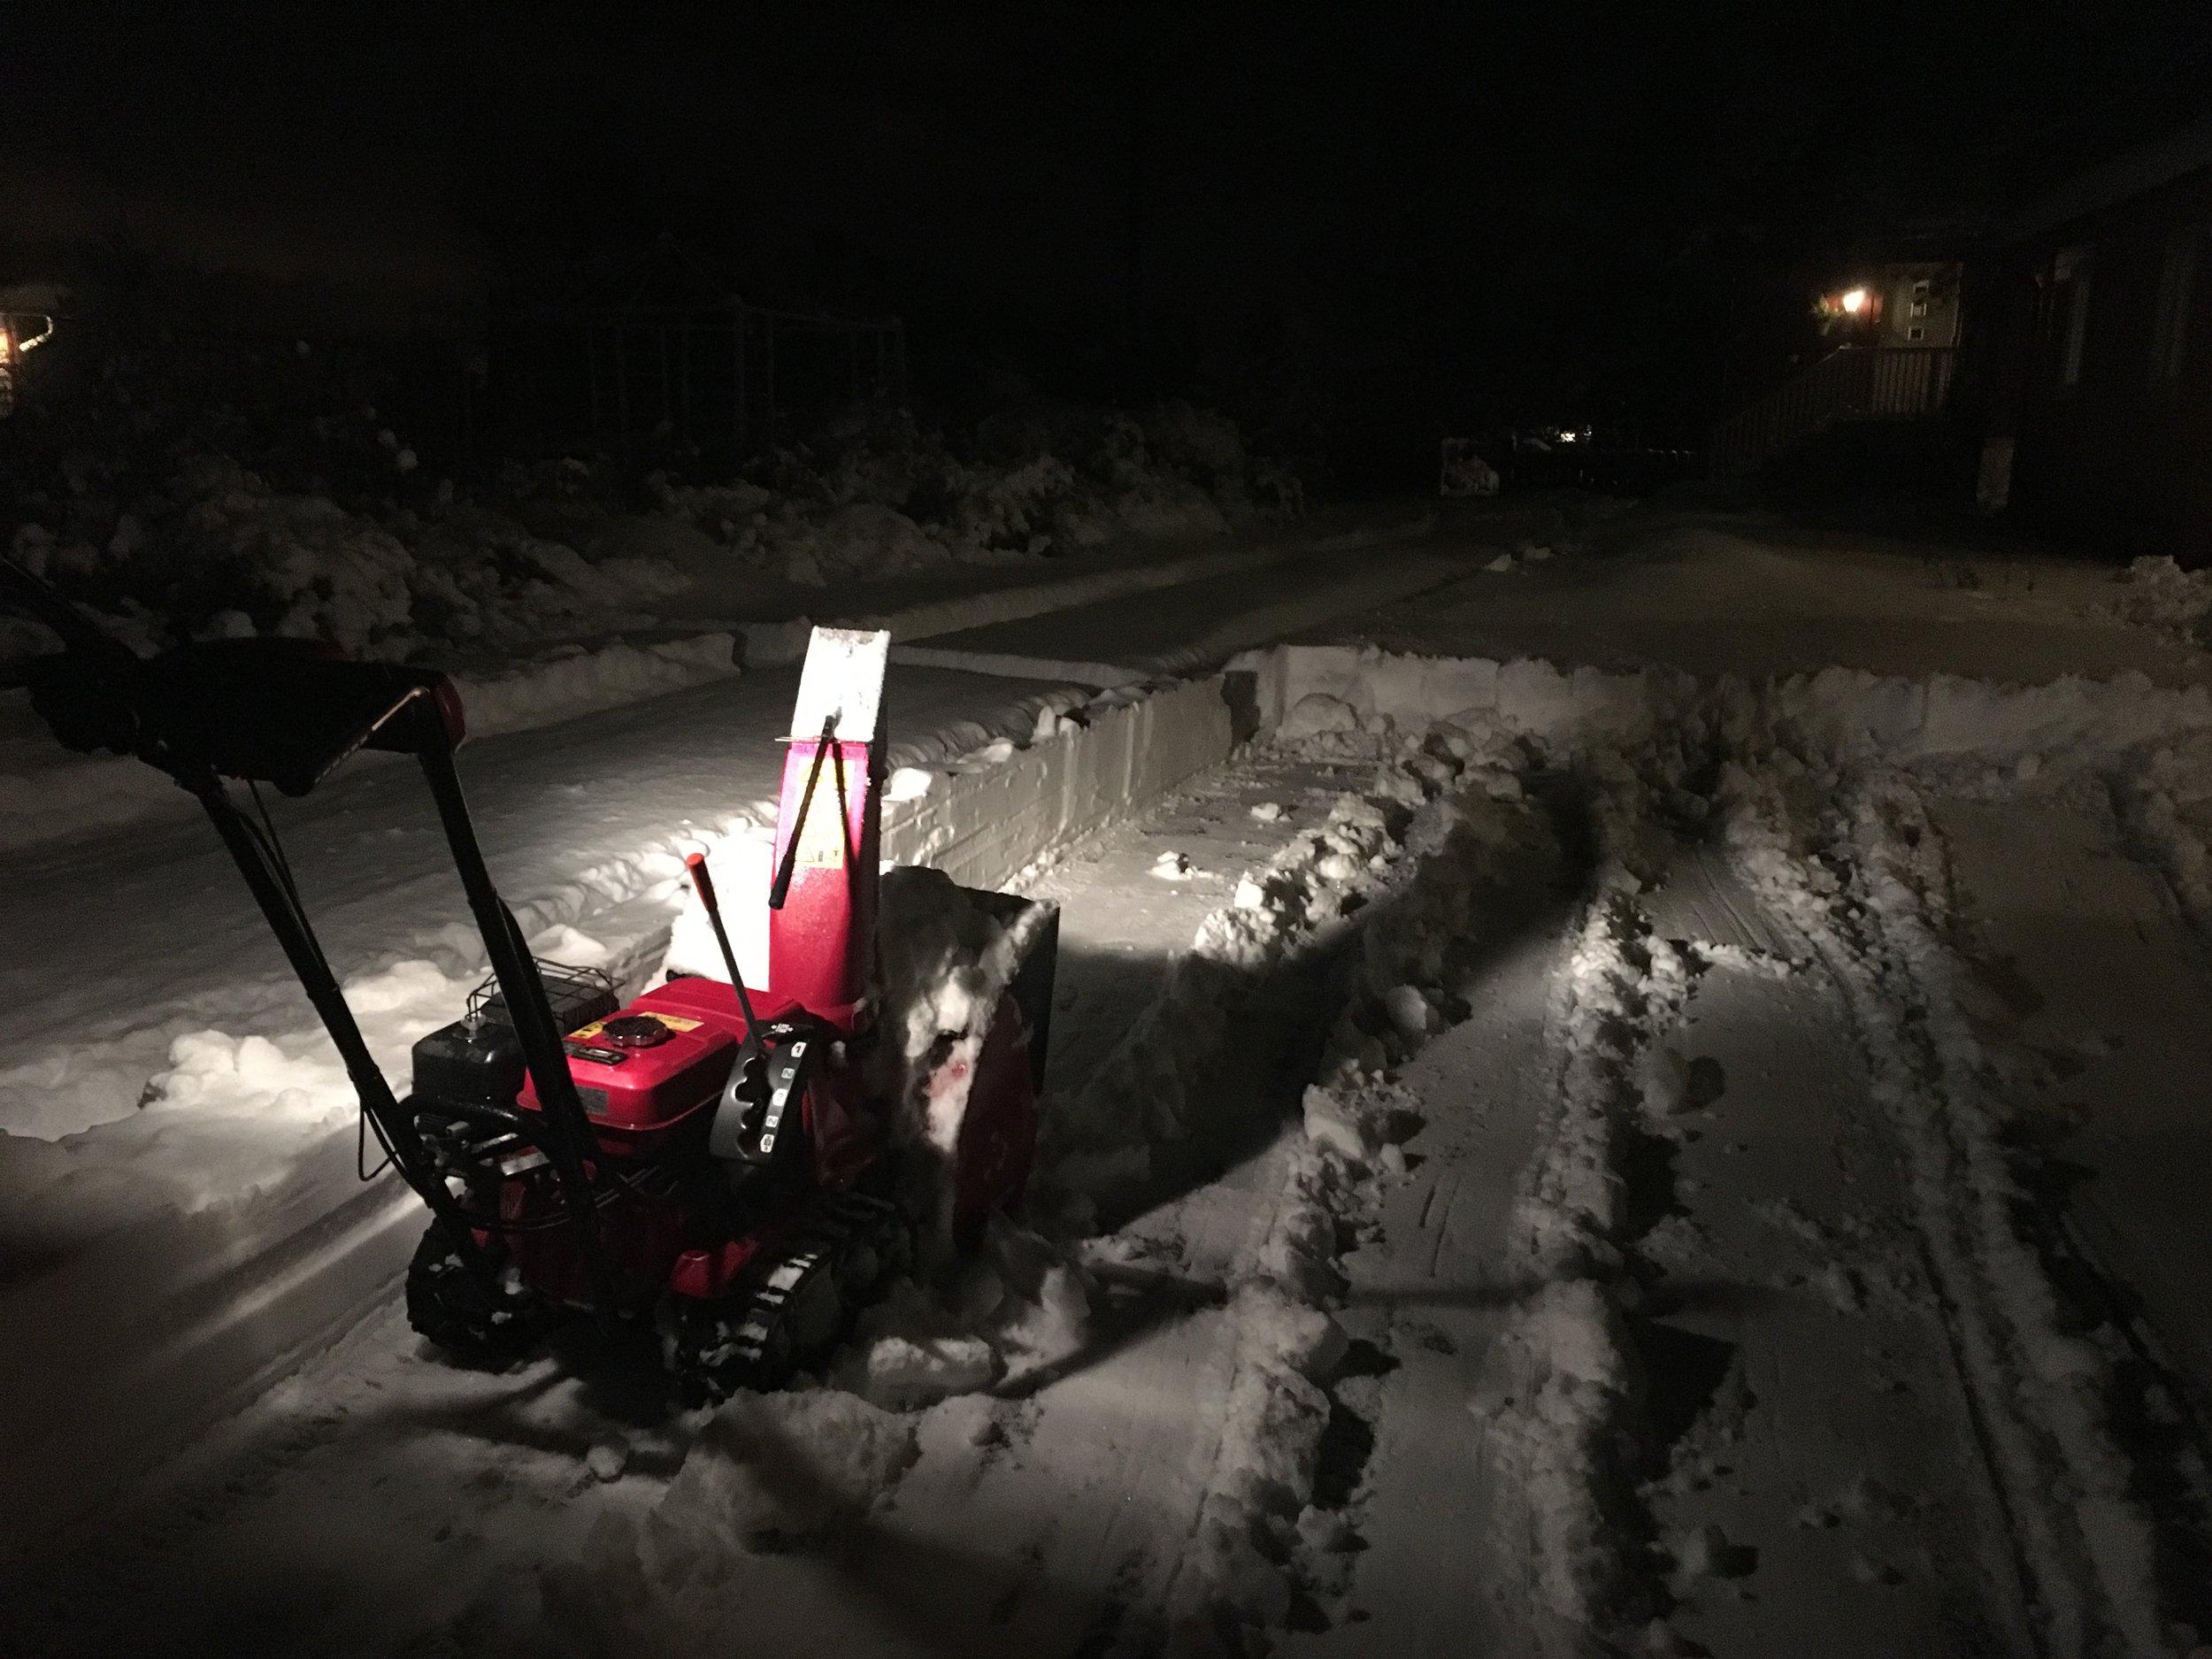 Vinter i Moss i 2018. Kraftig snøfall midt i februar sørget for vinter til langt utpå våren.